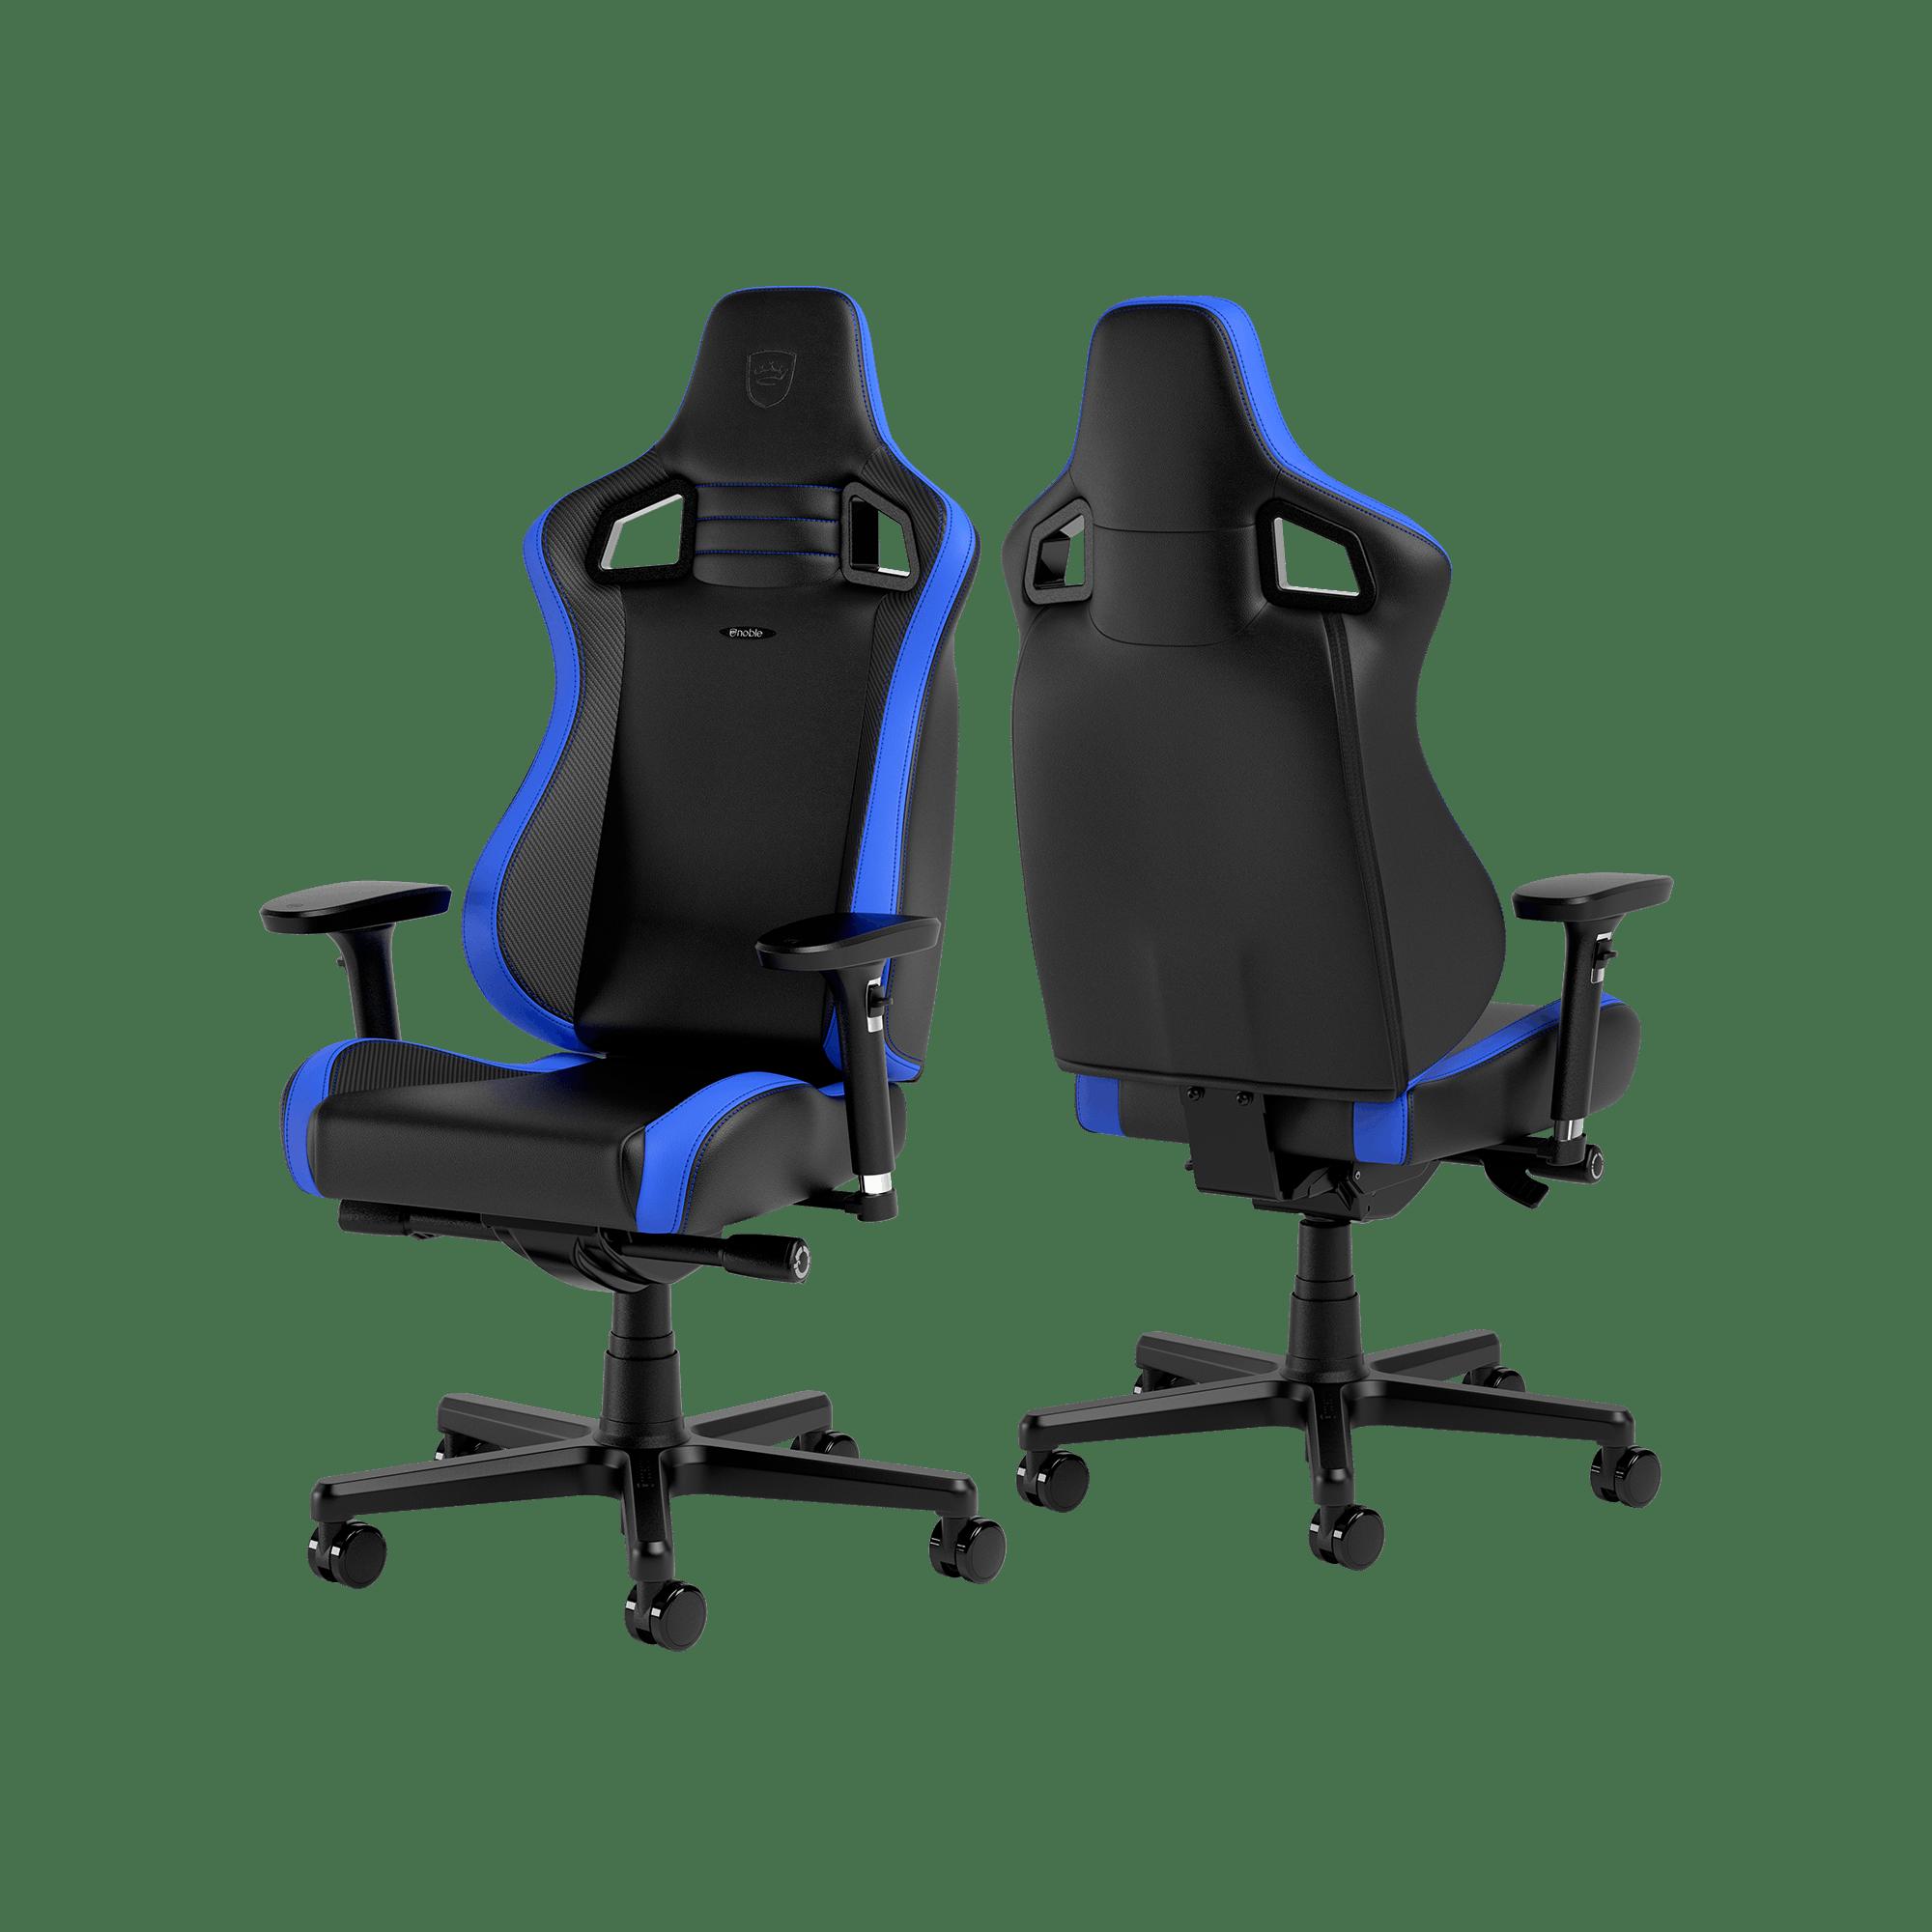 Noblechairs - EPIC Compact Black/Carbon/Blue